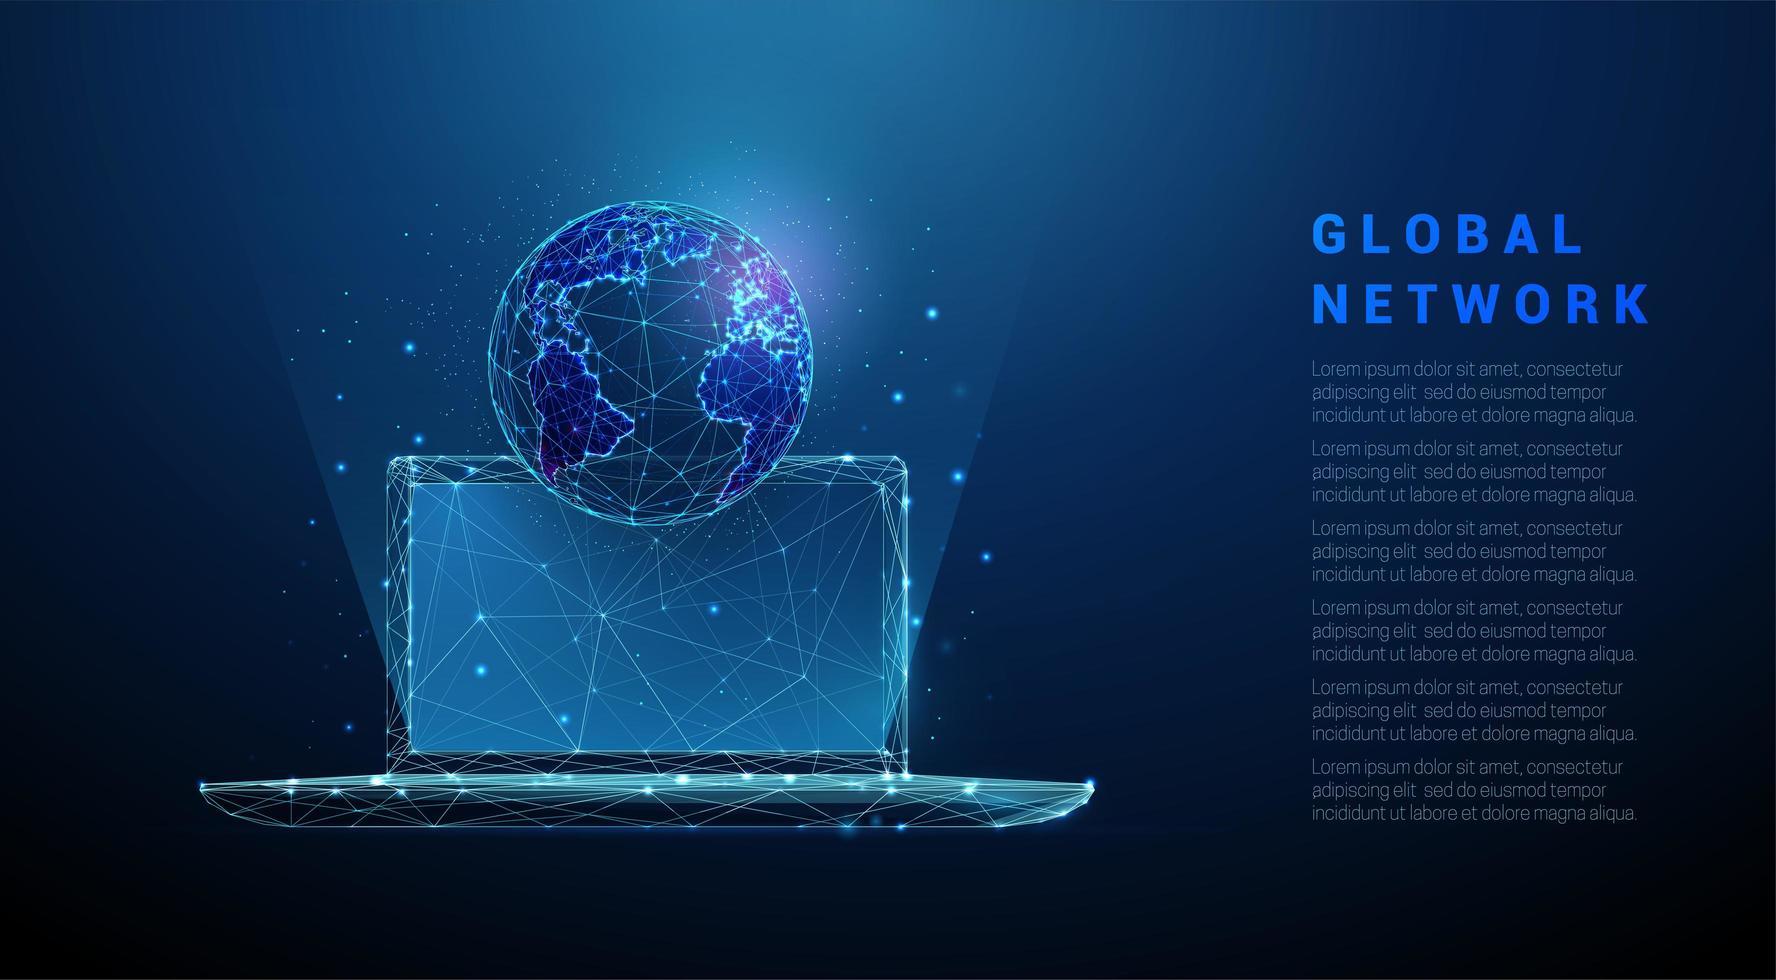 ordinateur portable abstrait low poly avec la planète terre. vecteur